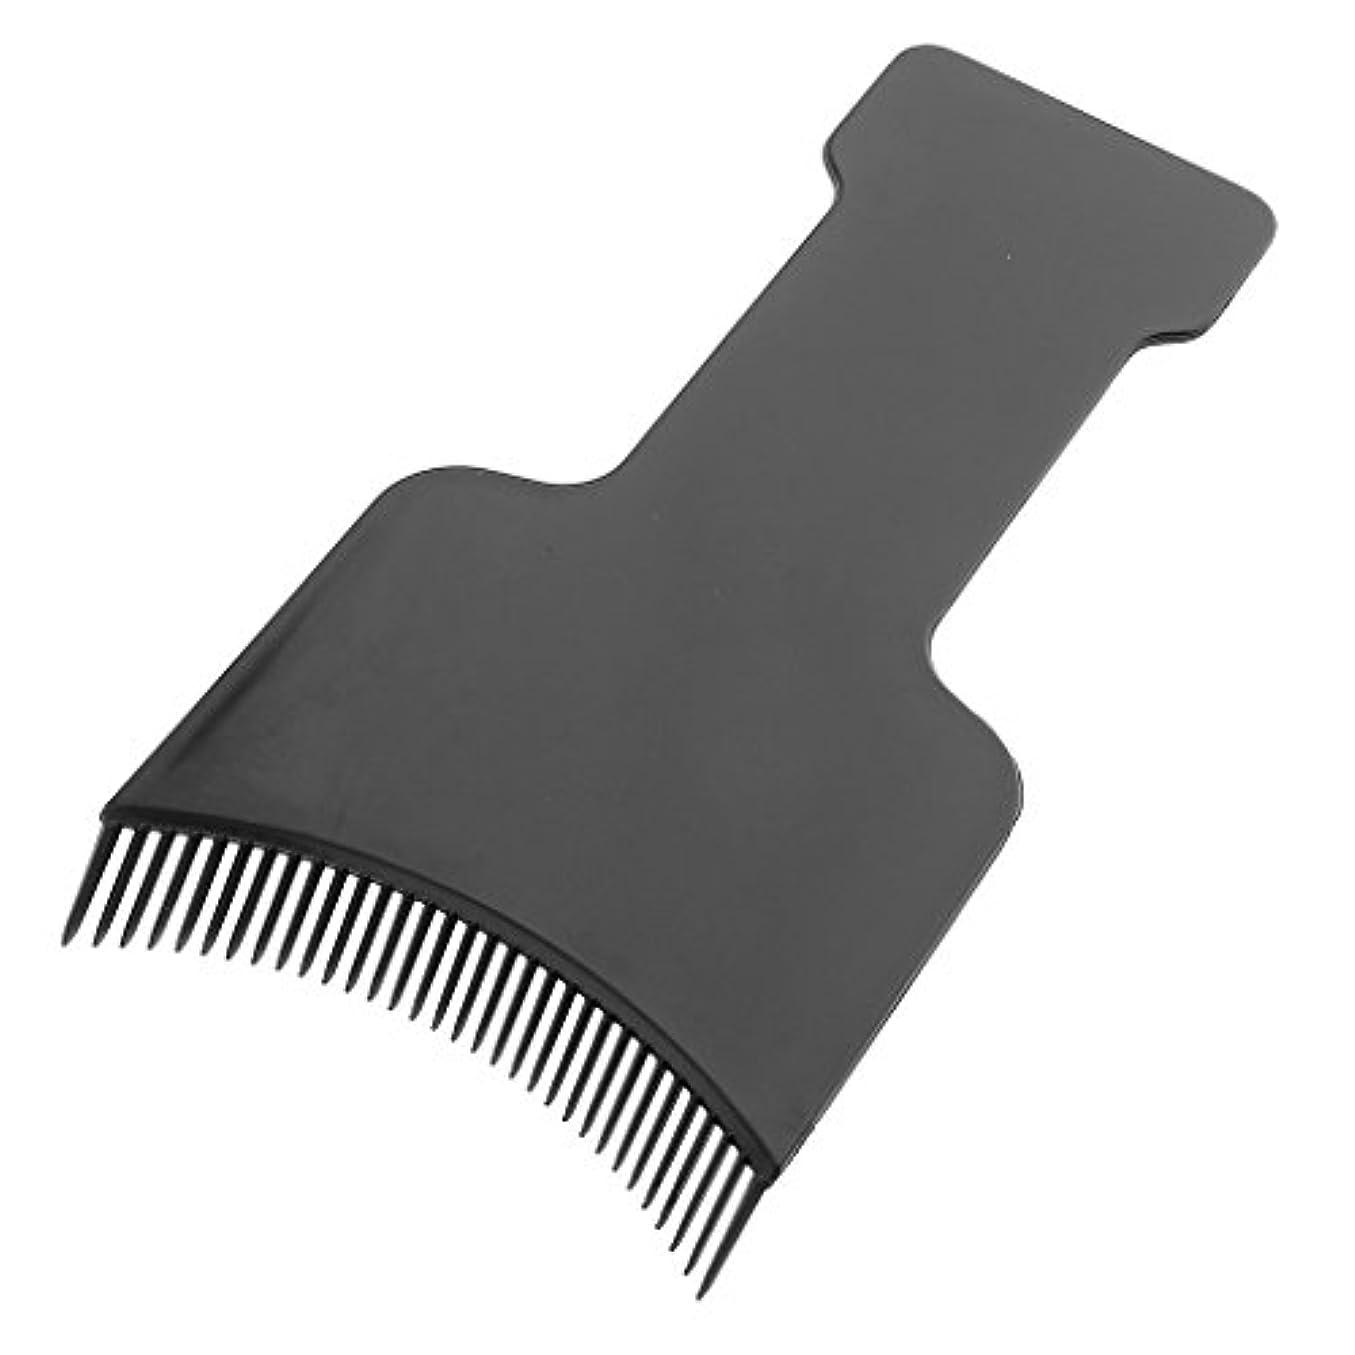 電気技師意味吸うヘアカラーボード サロン ヘアカラー 美容 ヘア ツール 髪 保護 ブラック 全4サイズ - S